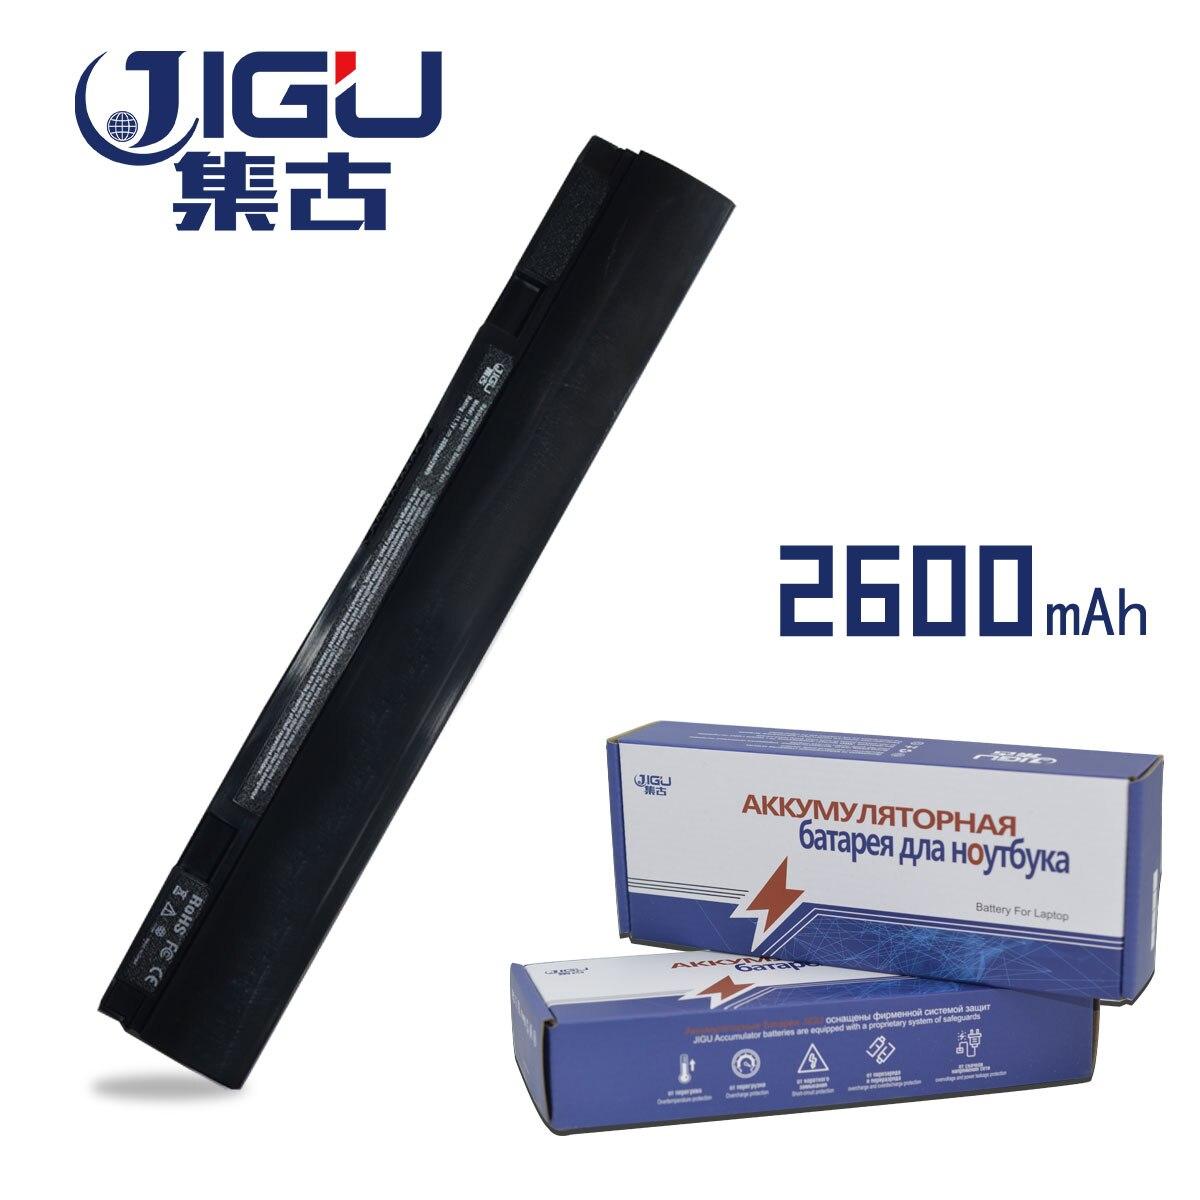 JIGU Batterie D'ordinateur Portable Pour ASUS Eee PC X101CH X101 X101C X101H Remplacer: A31-X101 A32-X101